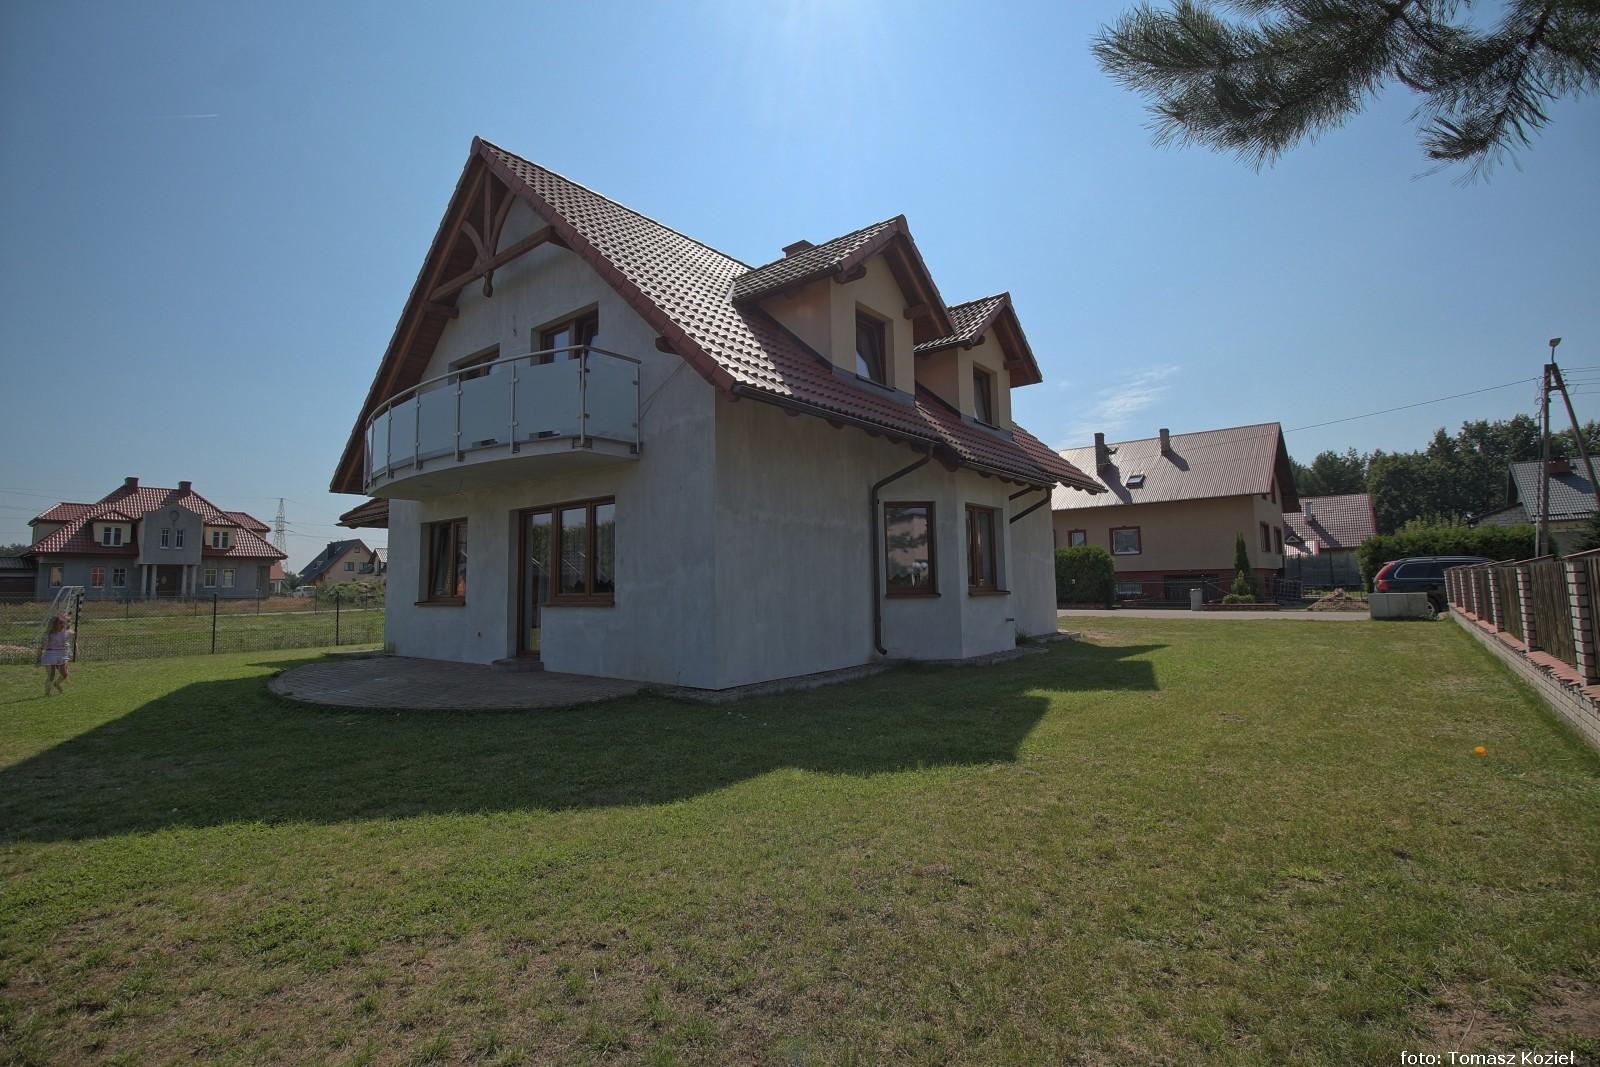 Kiełpino piękna wieś kaszubska, dom blisko rzeki Raduni.